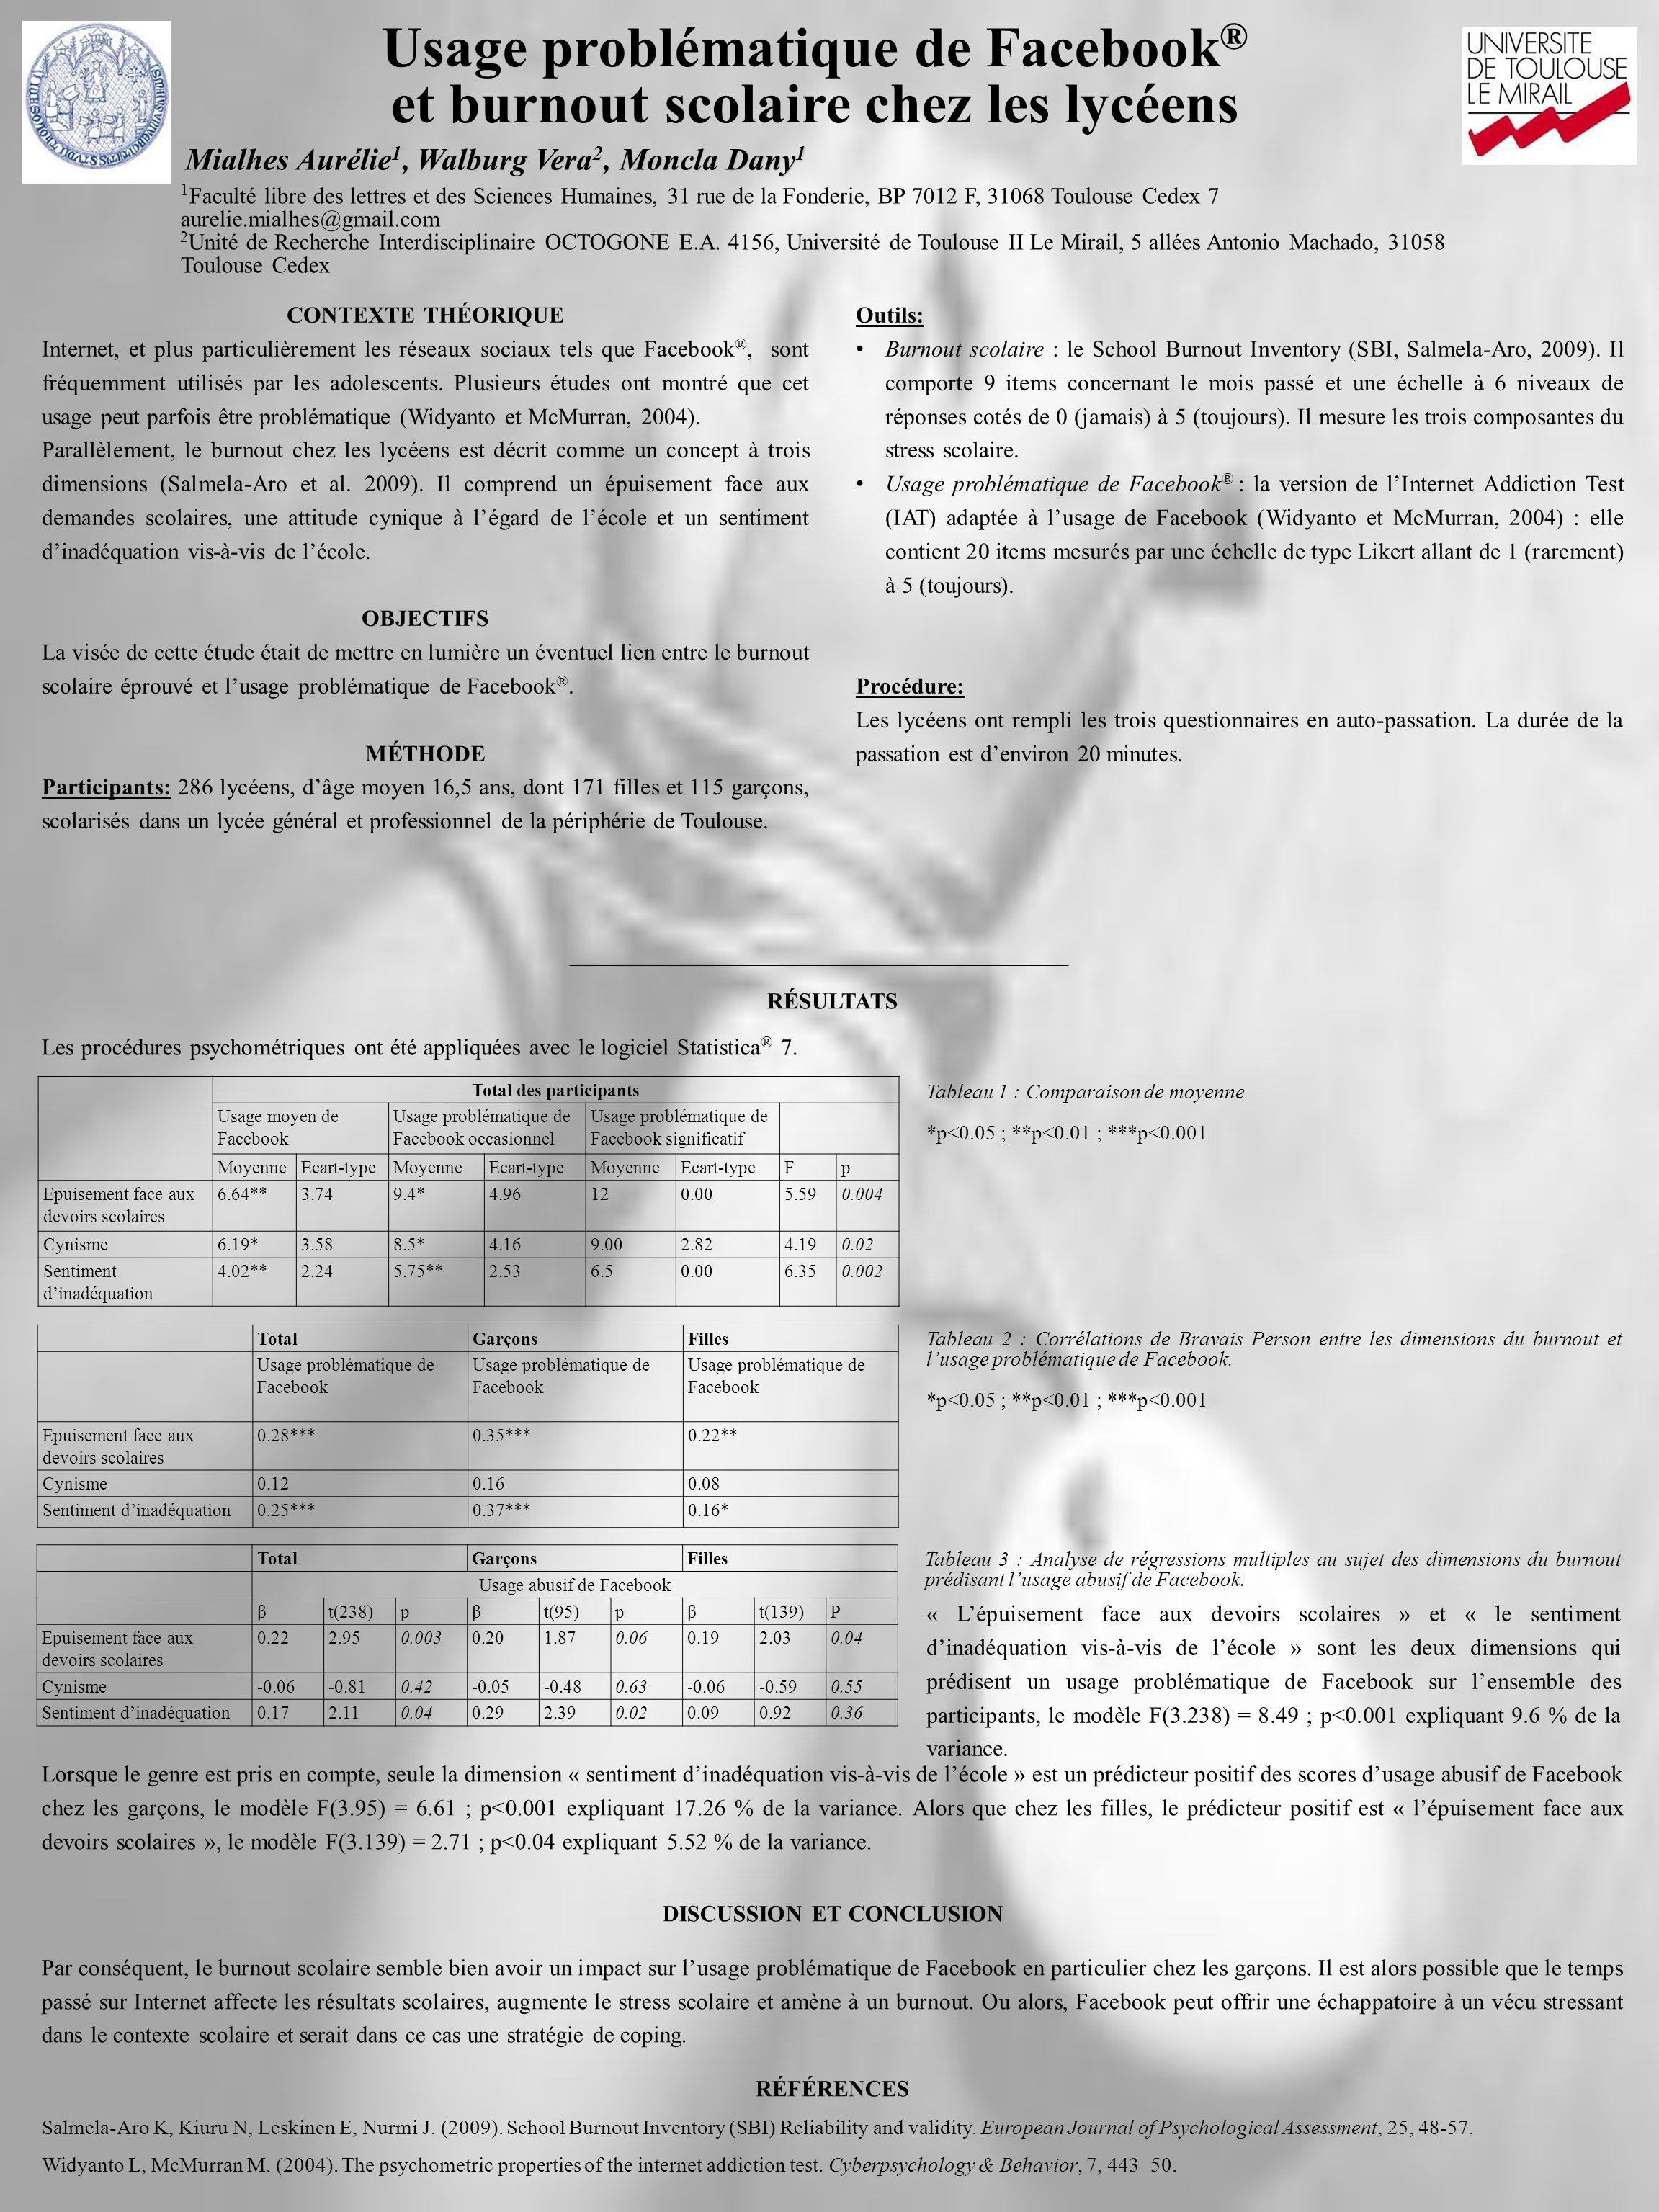 Mialhes Aurélie 1, Walburg Vera 2, Moncla Dany 1 1 Faculté libre des lettres et des Sciences Humaines, 31 rue de la Fonderie, BP 7012 F, 31068 Toulous